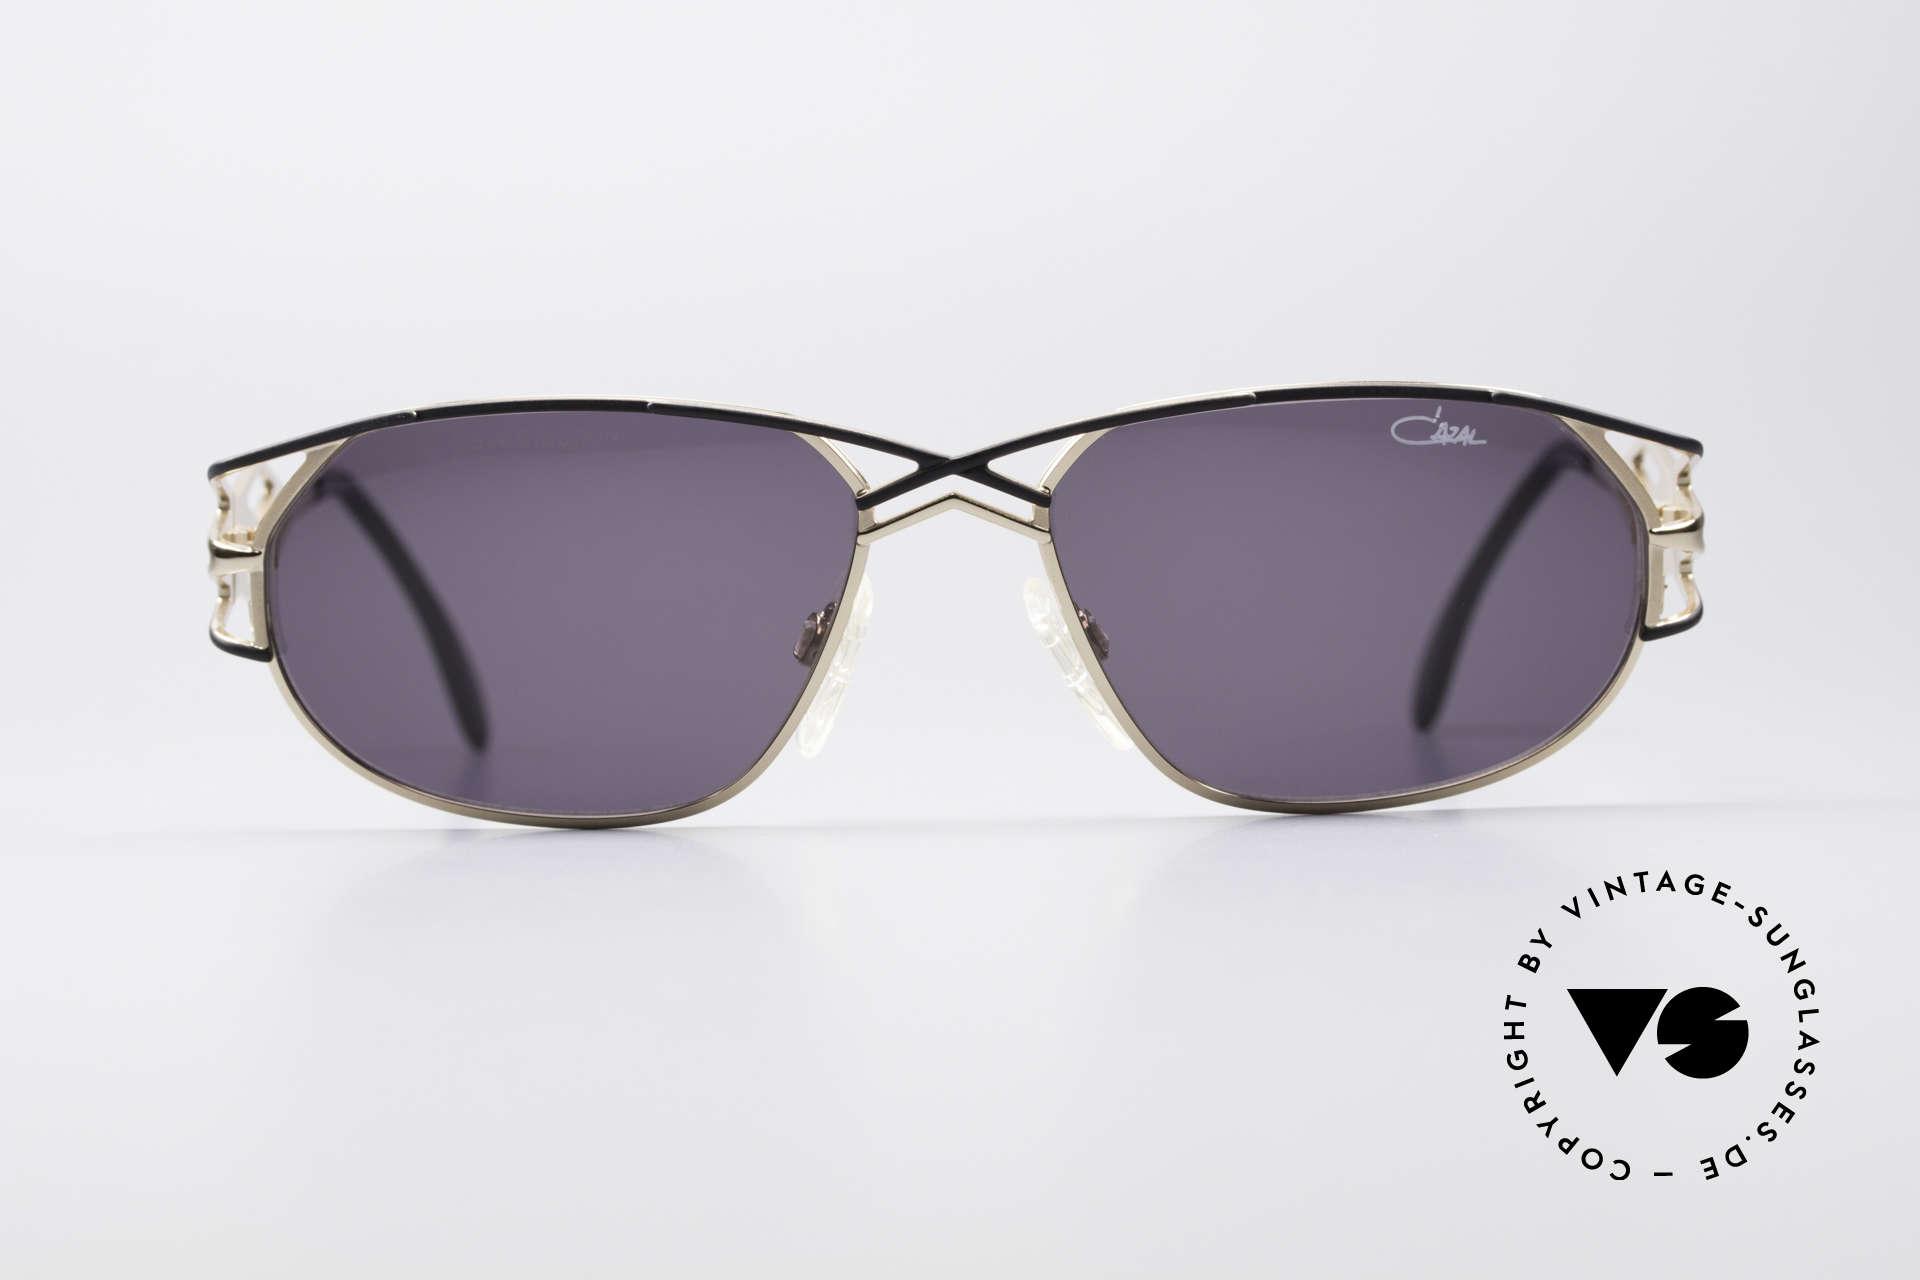 13951da1735 Sunglasses Cazal 981 Ladies Designer Sunglasses